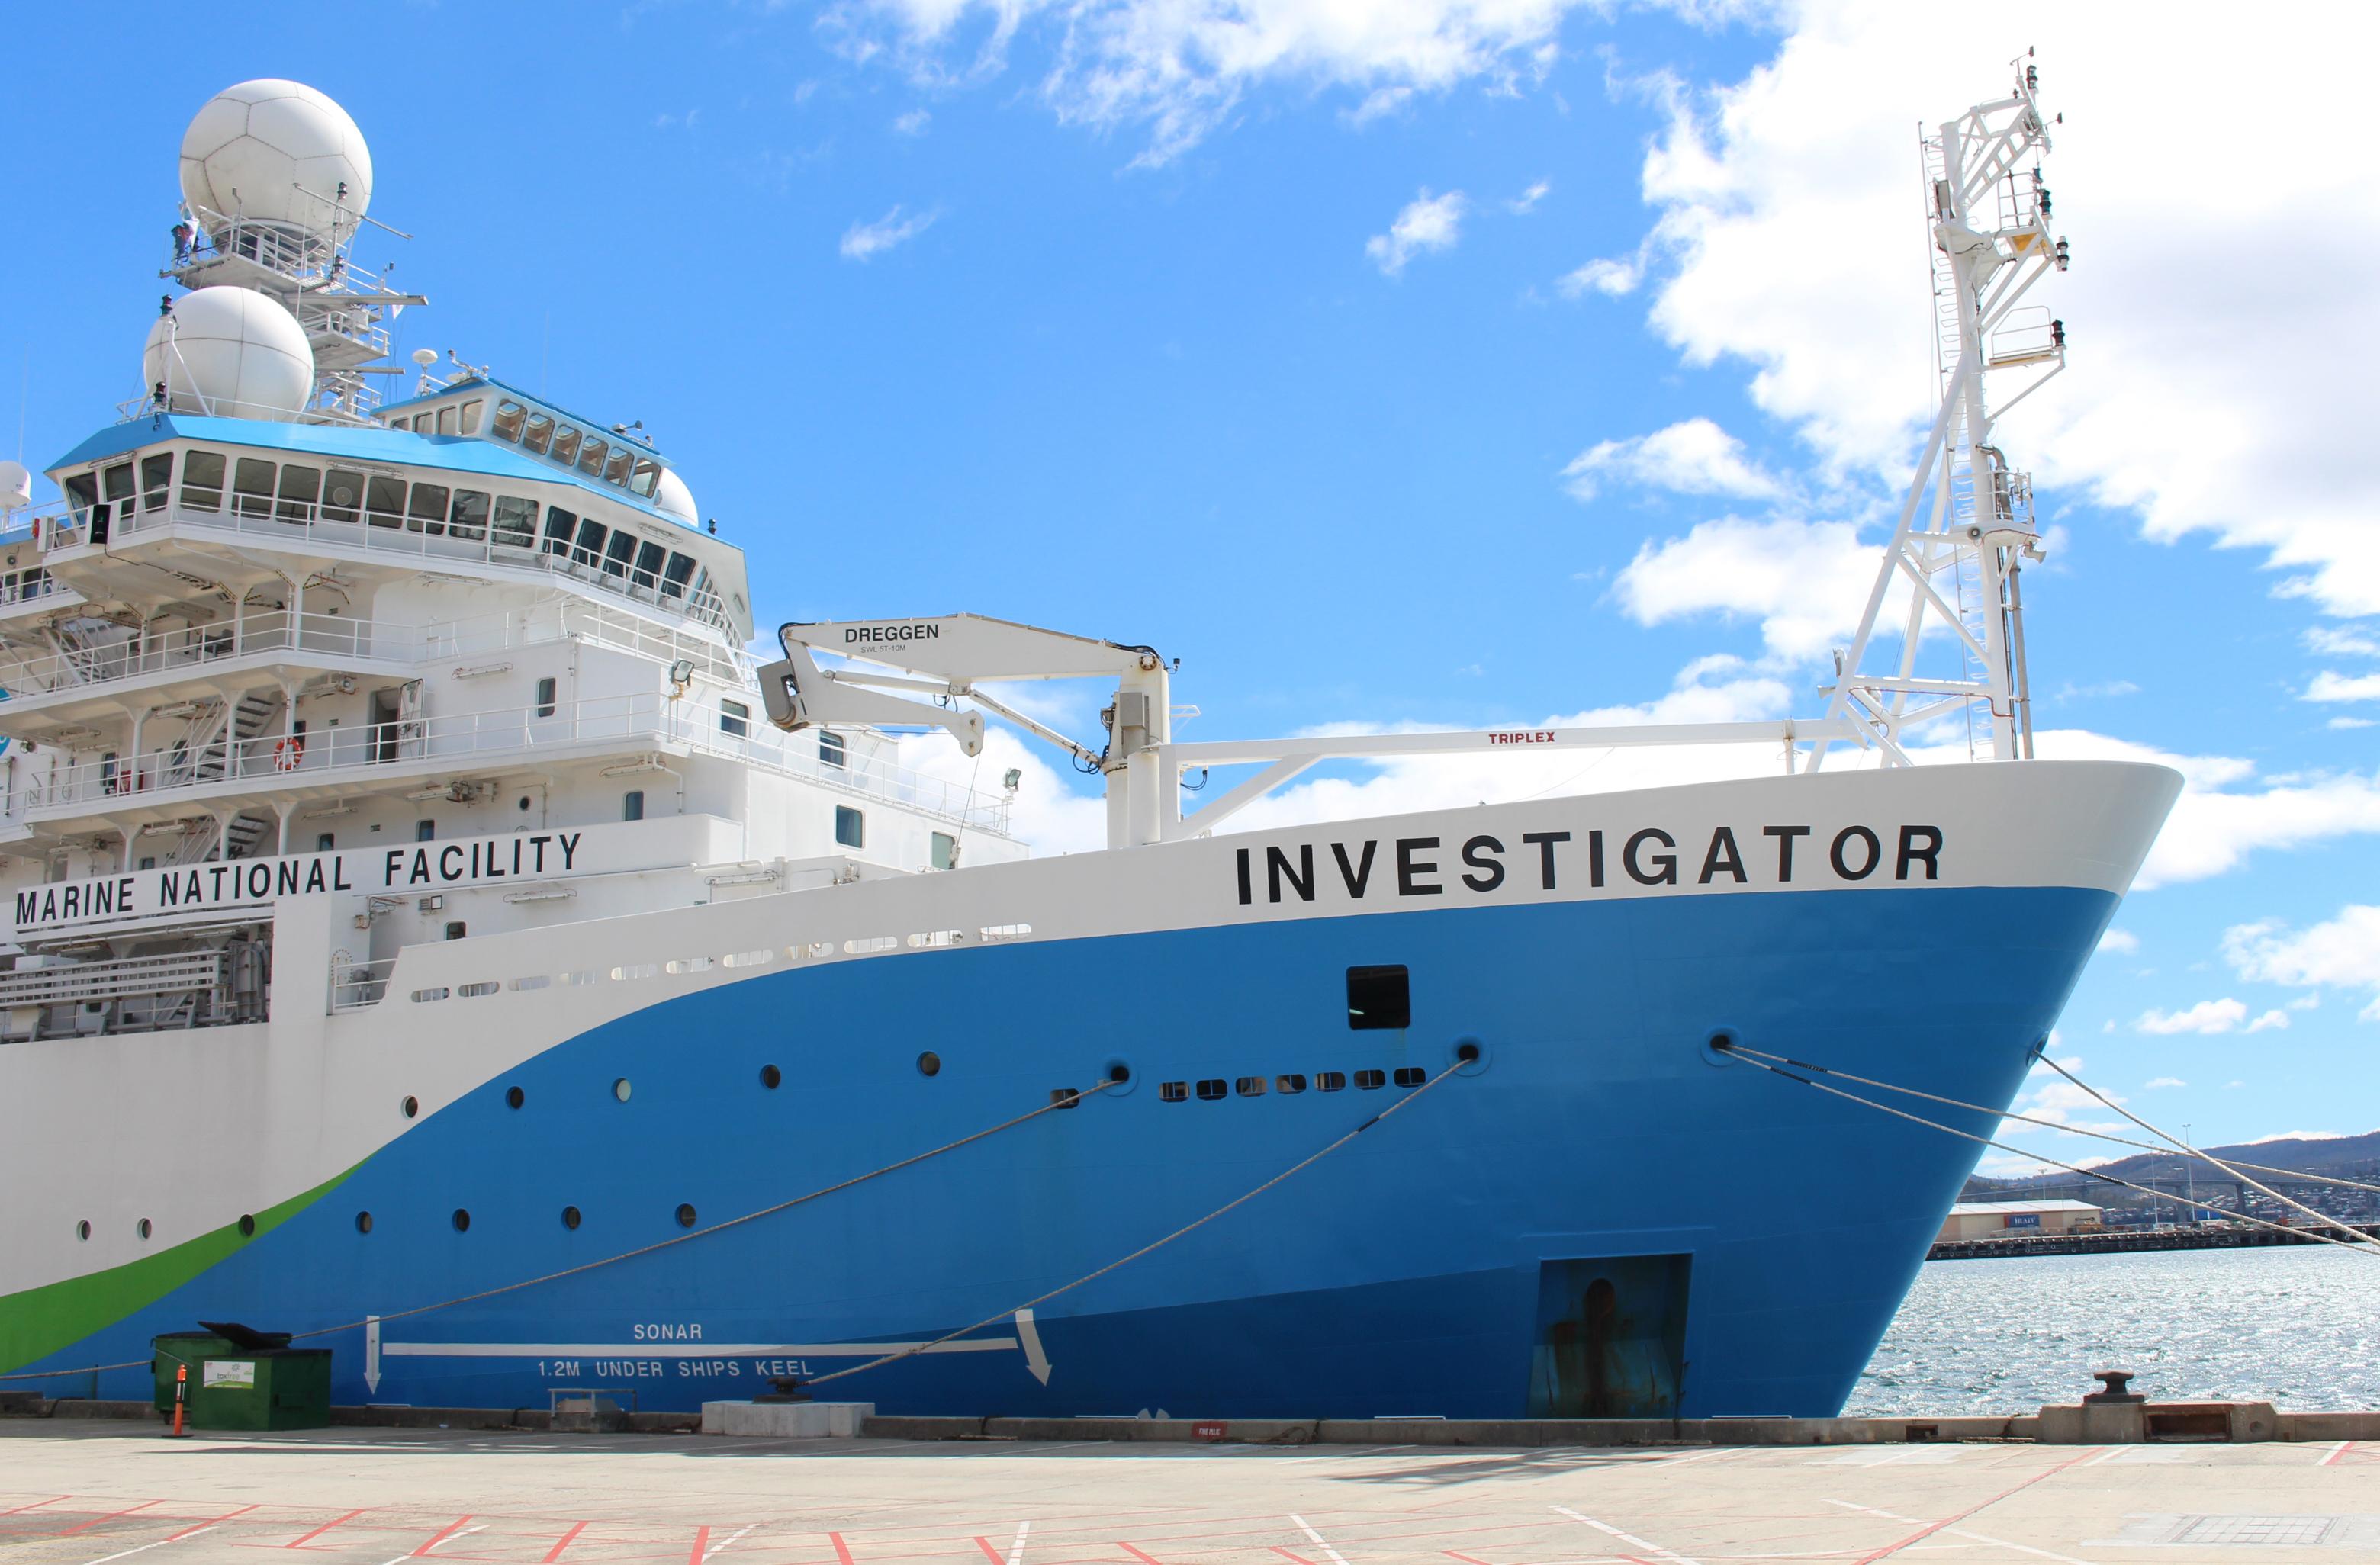 Investigator in Hobart